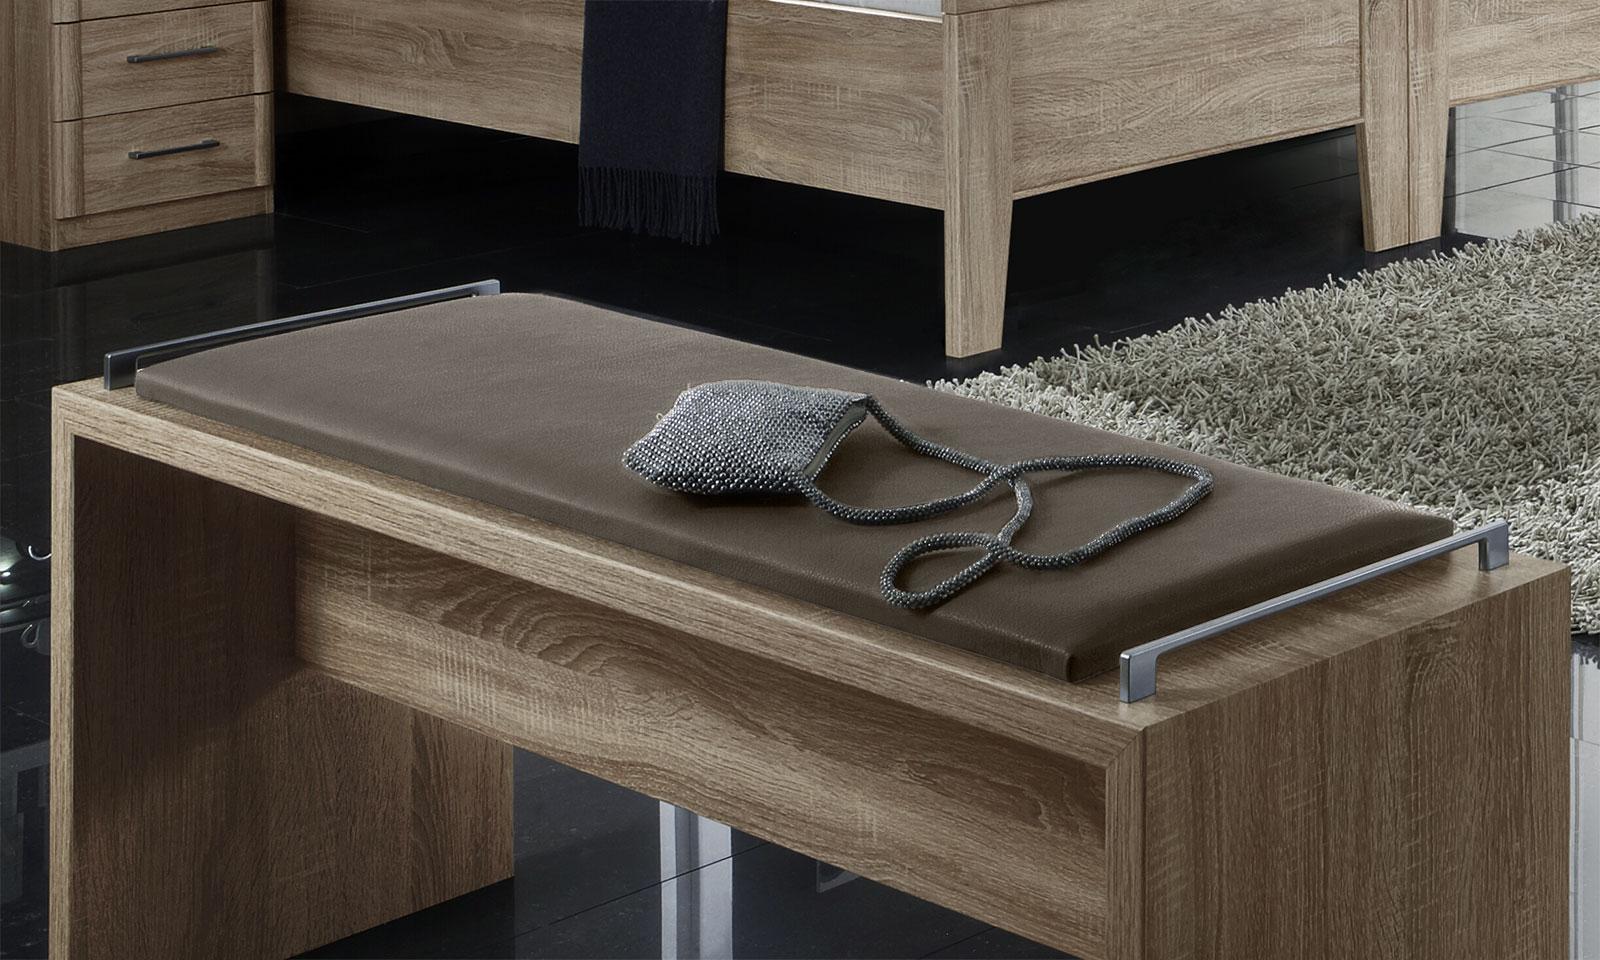 Bettbank in Eiche Dekor mit Kunstleder-Sitzpolster - Runcorn